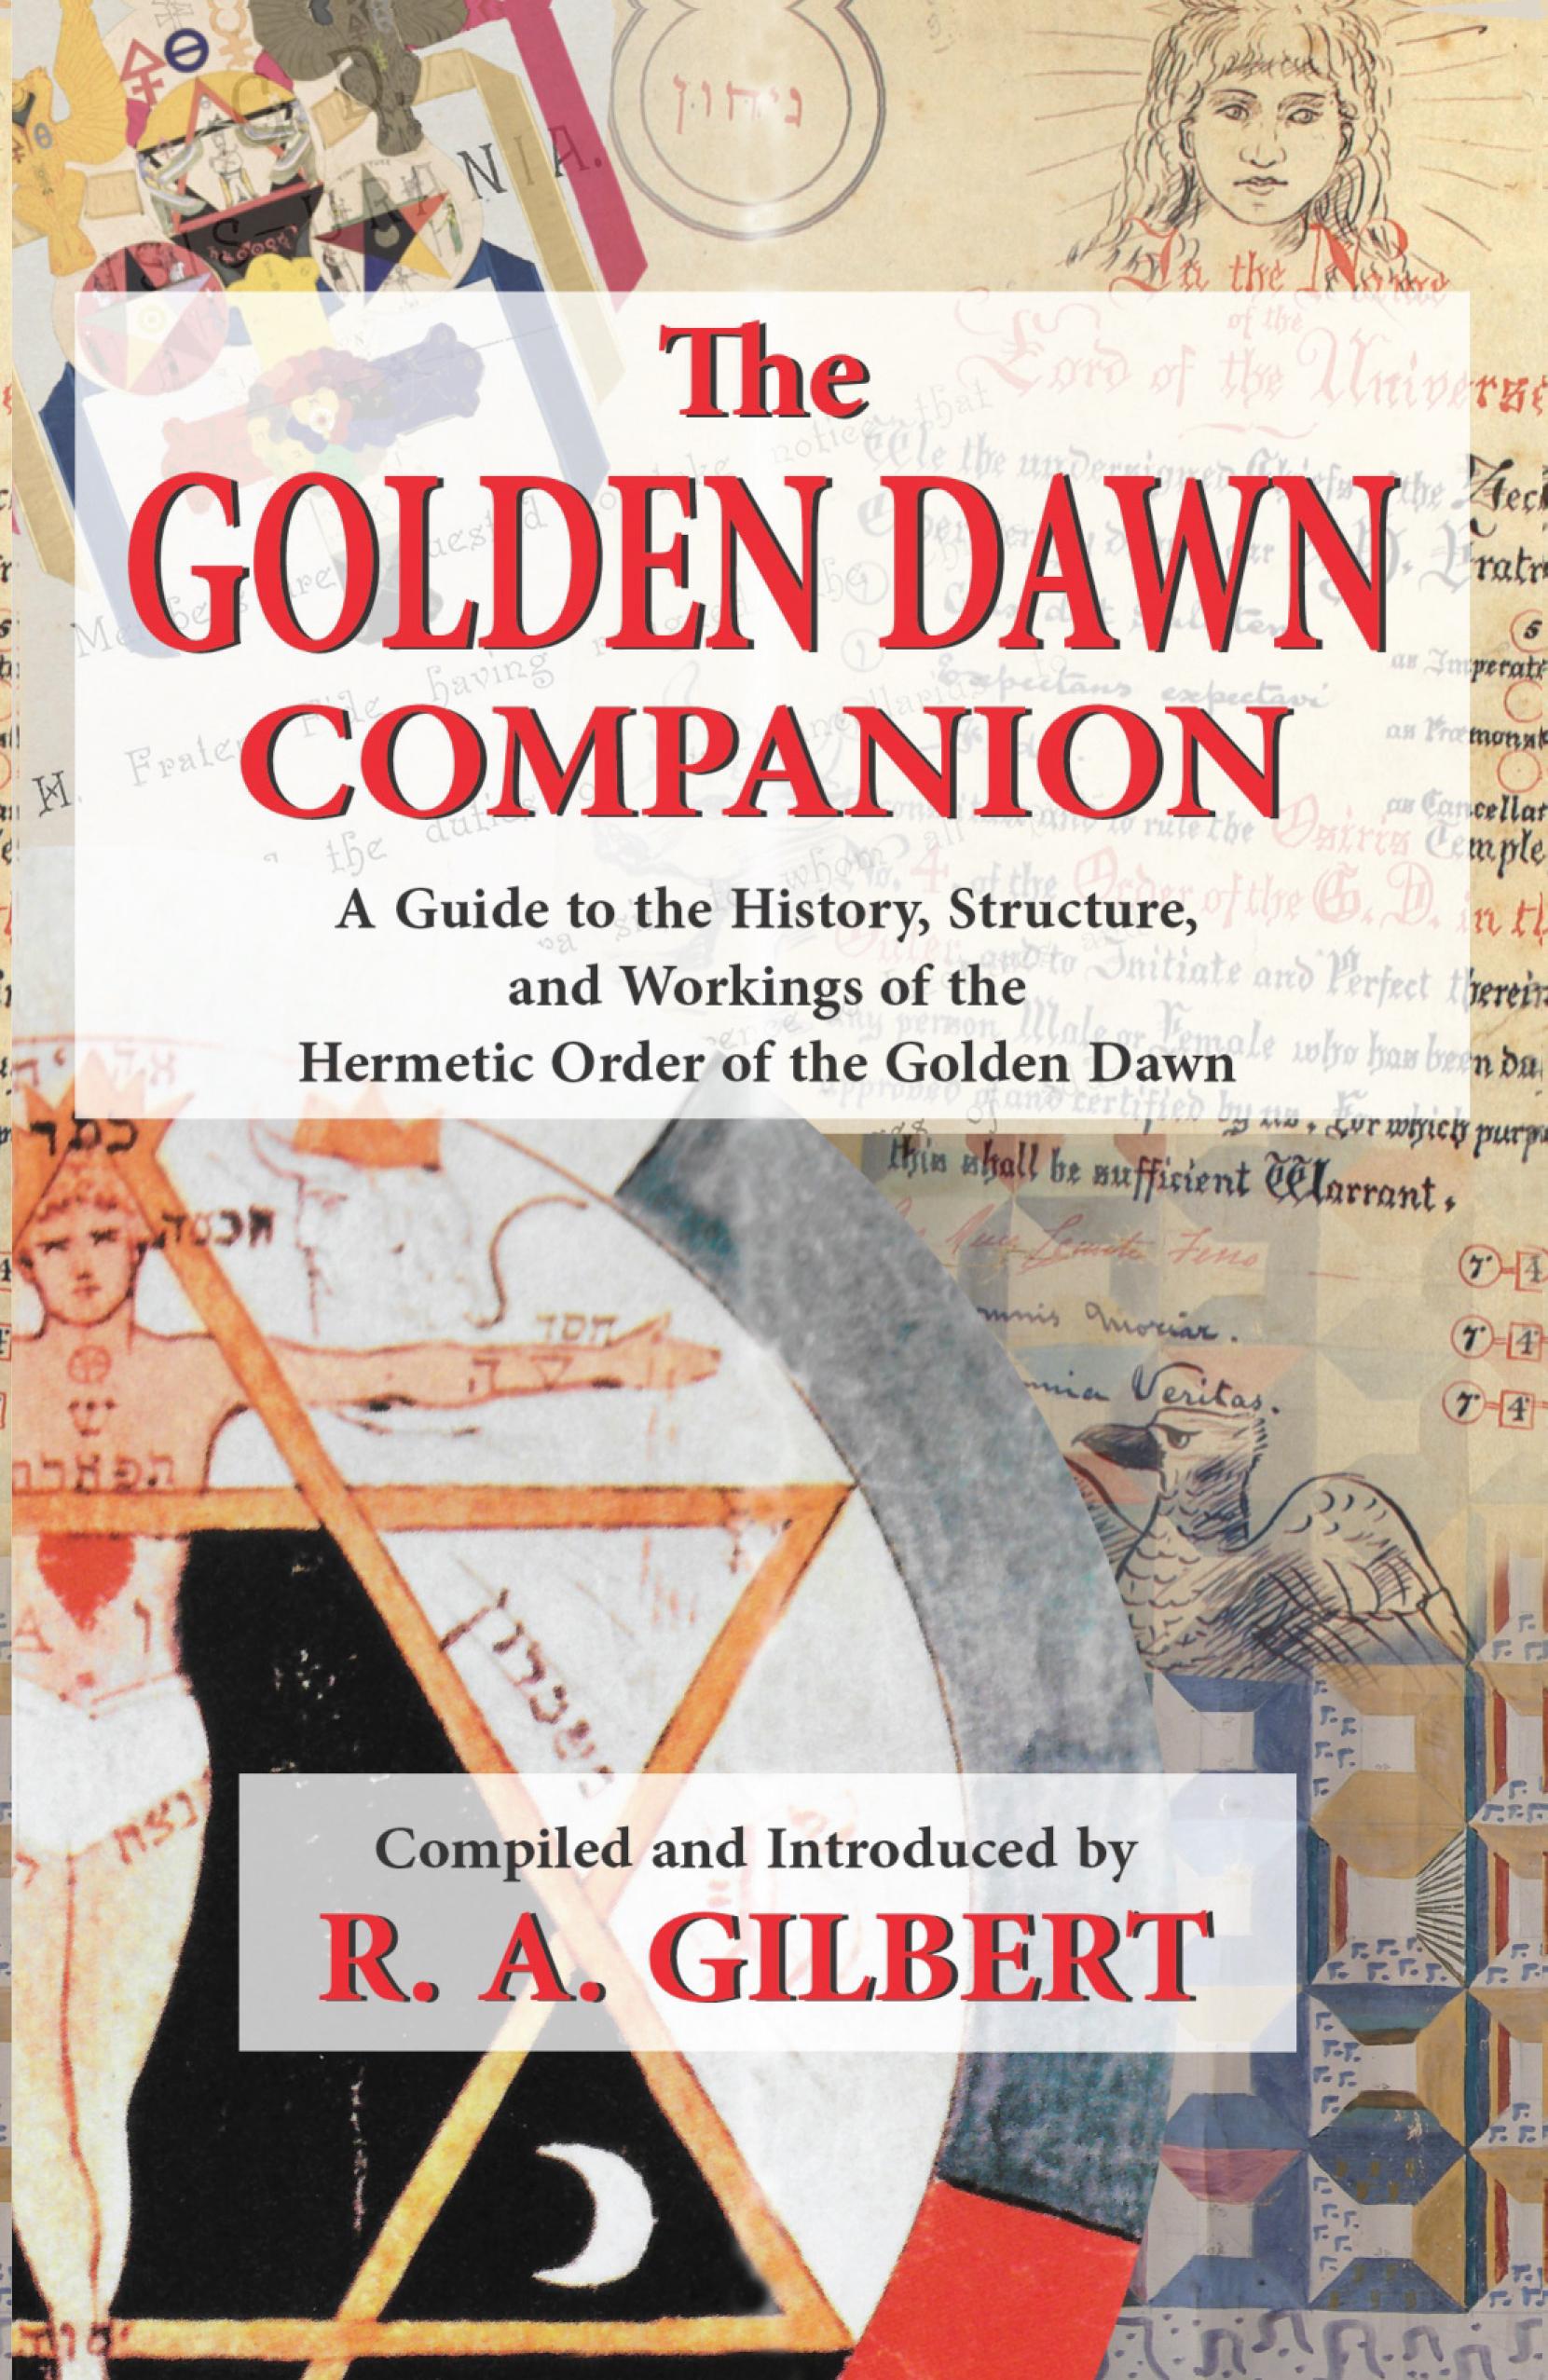 The Golden Dawn Companion